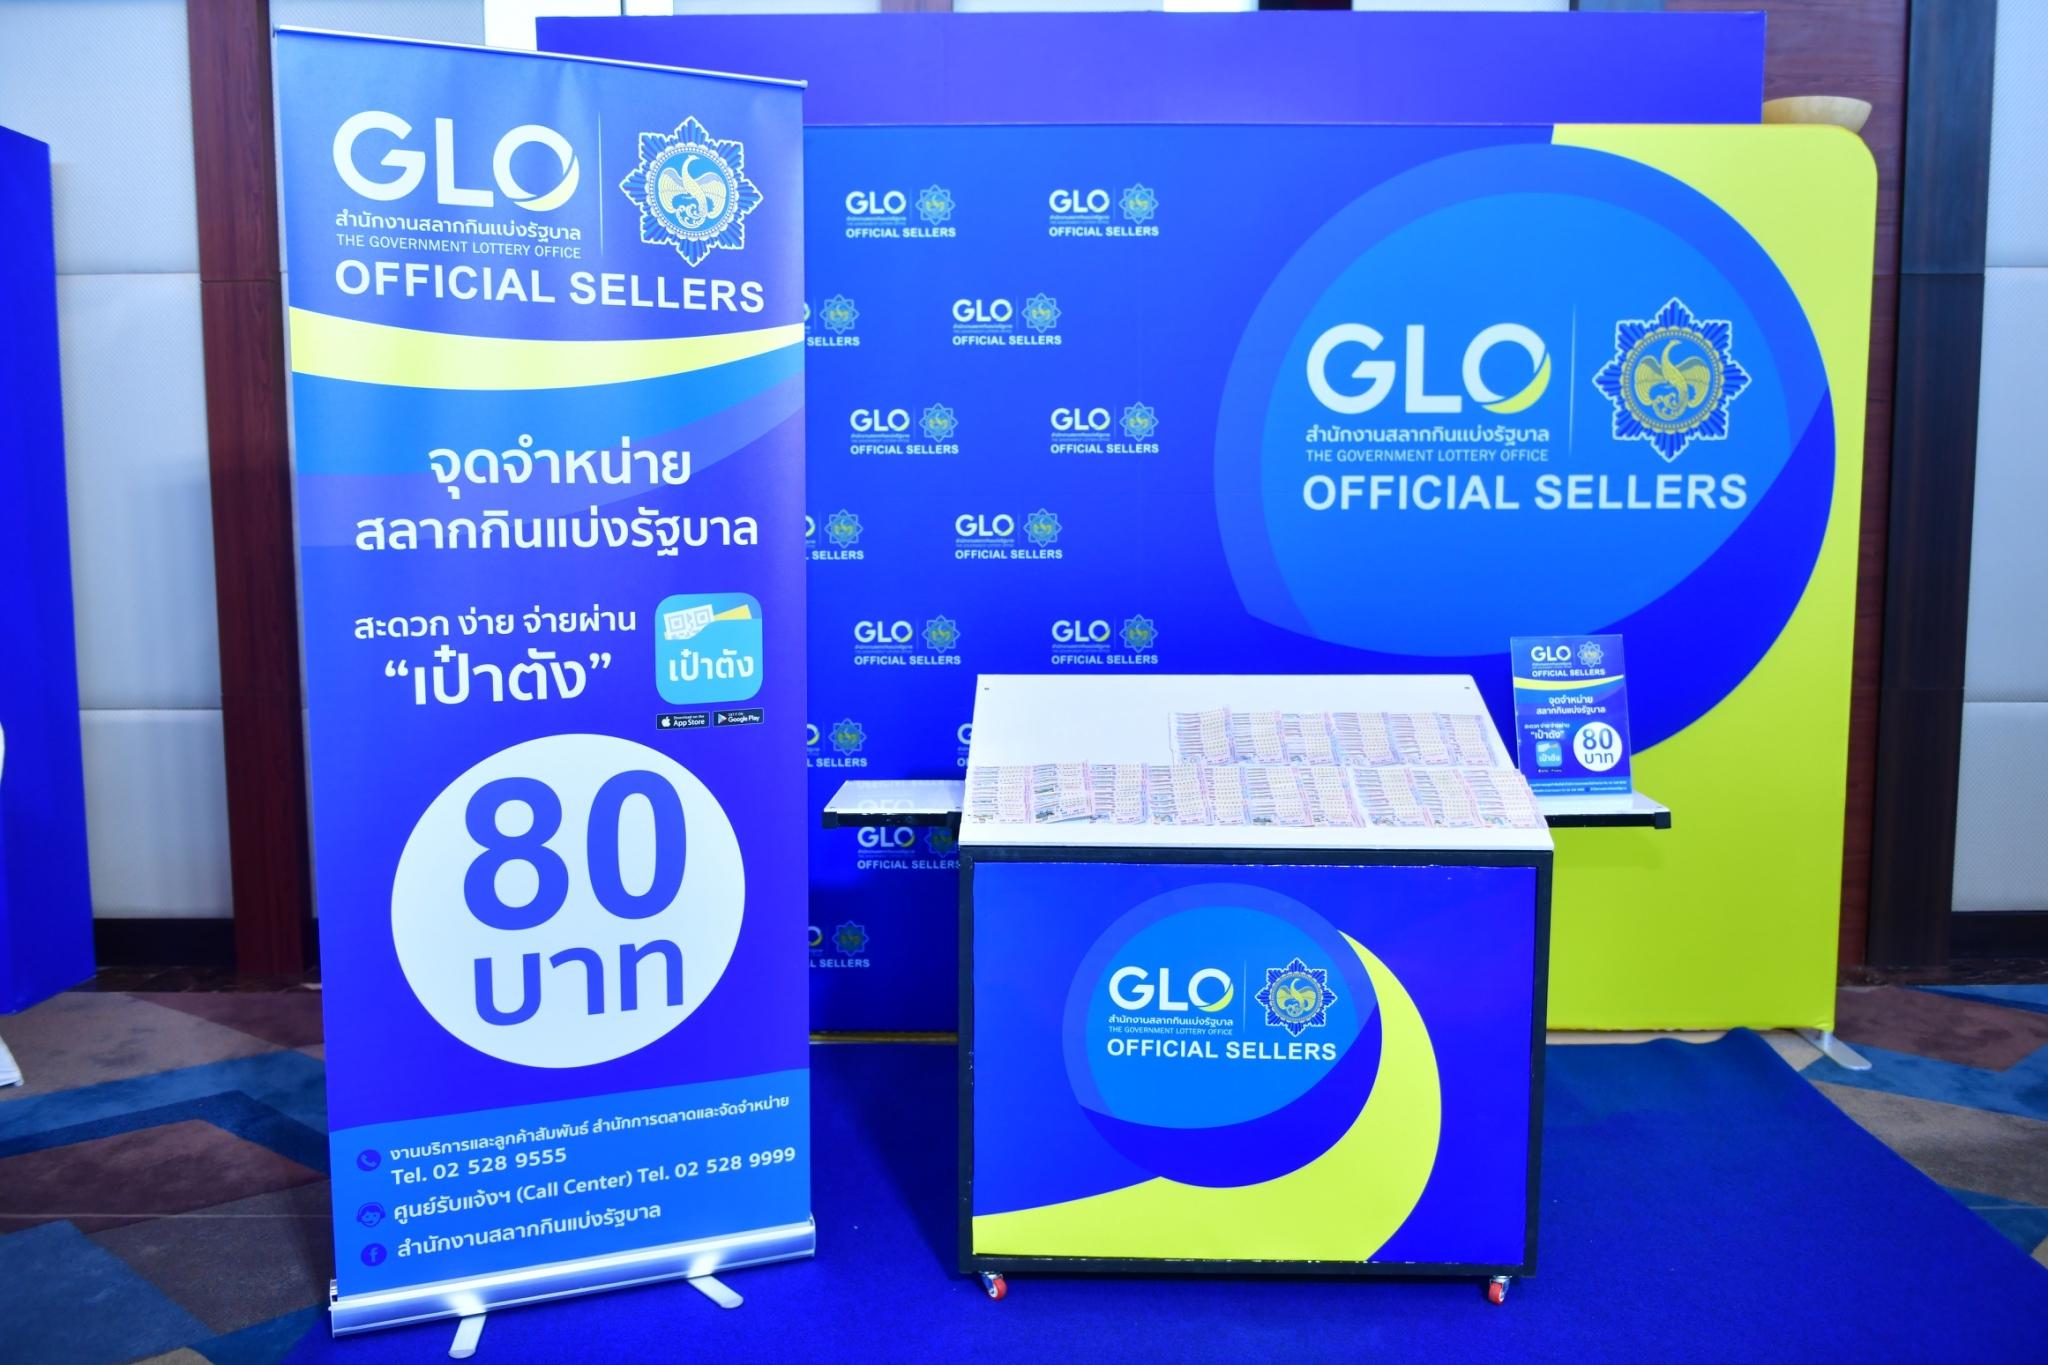 """สนง.สลากกินแบ่งรัฐบาล (GLO) พร้อมขายสลาก GLO Official Sellers 44 จุด ผ่าน """"เป๋าตัง"""" ตามวิถี New Normal"""